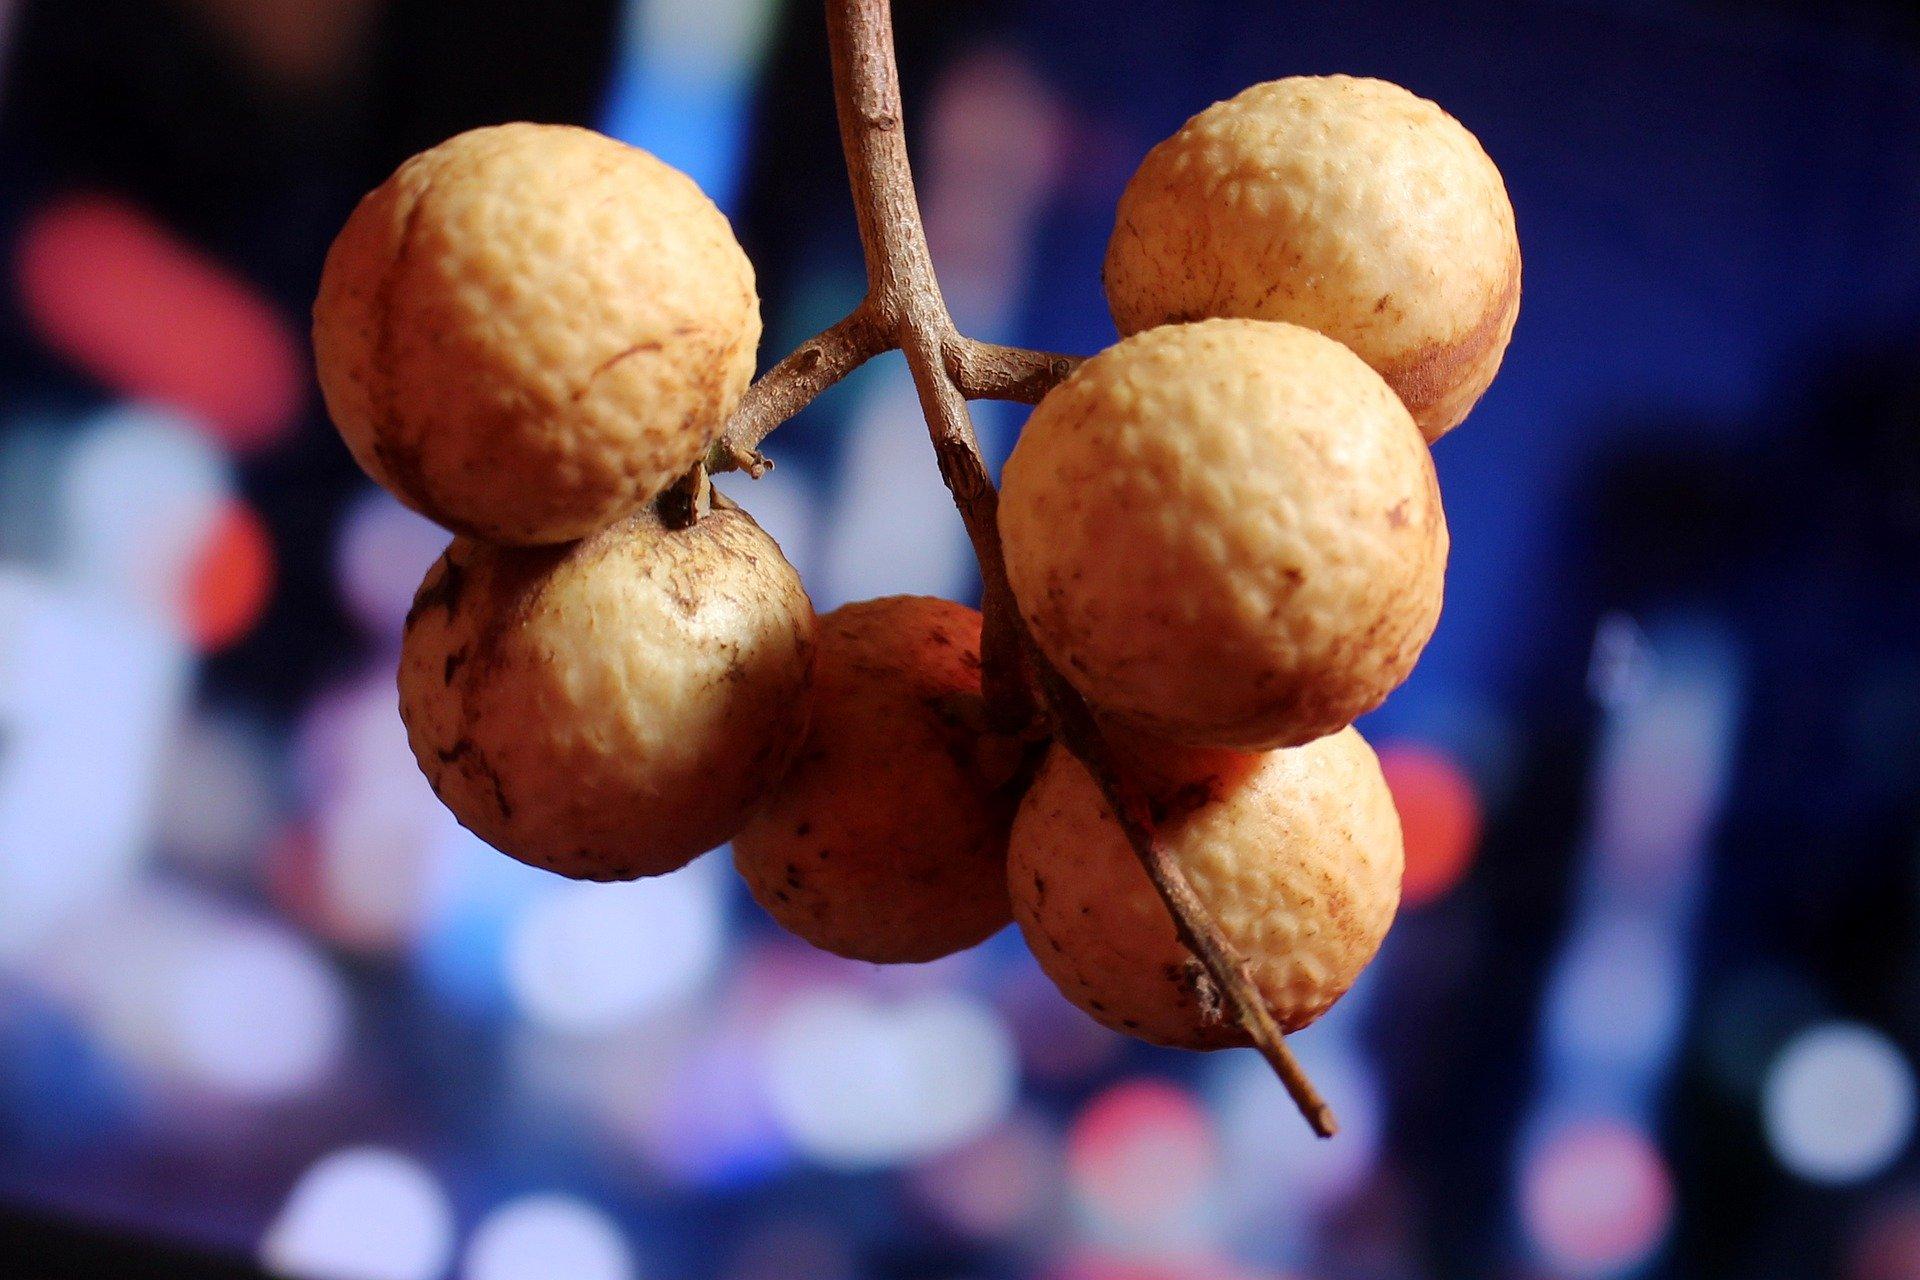 Longan, Buah Lengkeng Asal Tiongkok Untuk Antioksidan